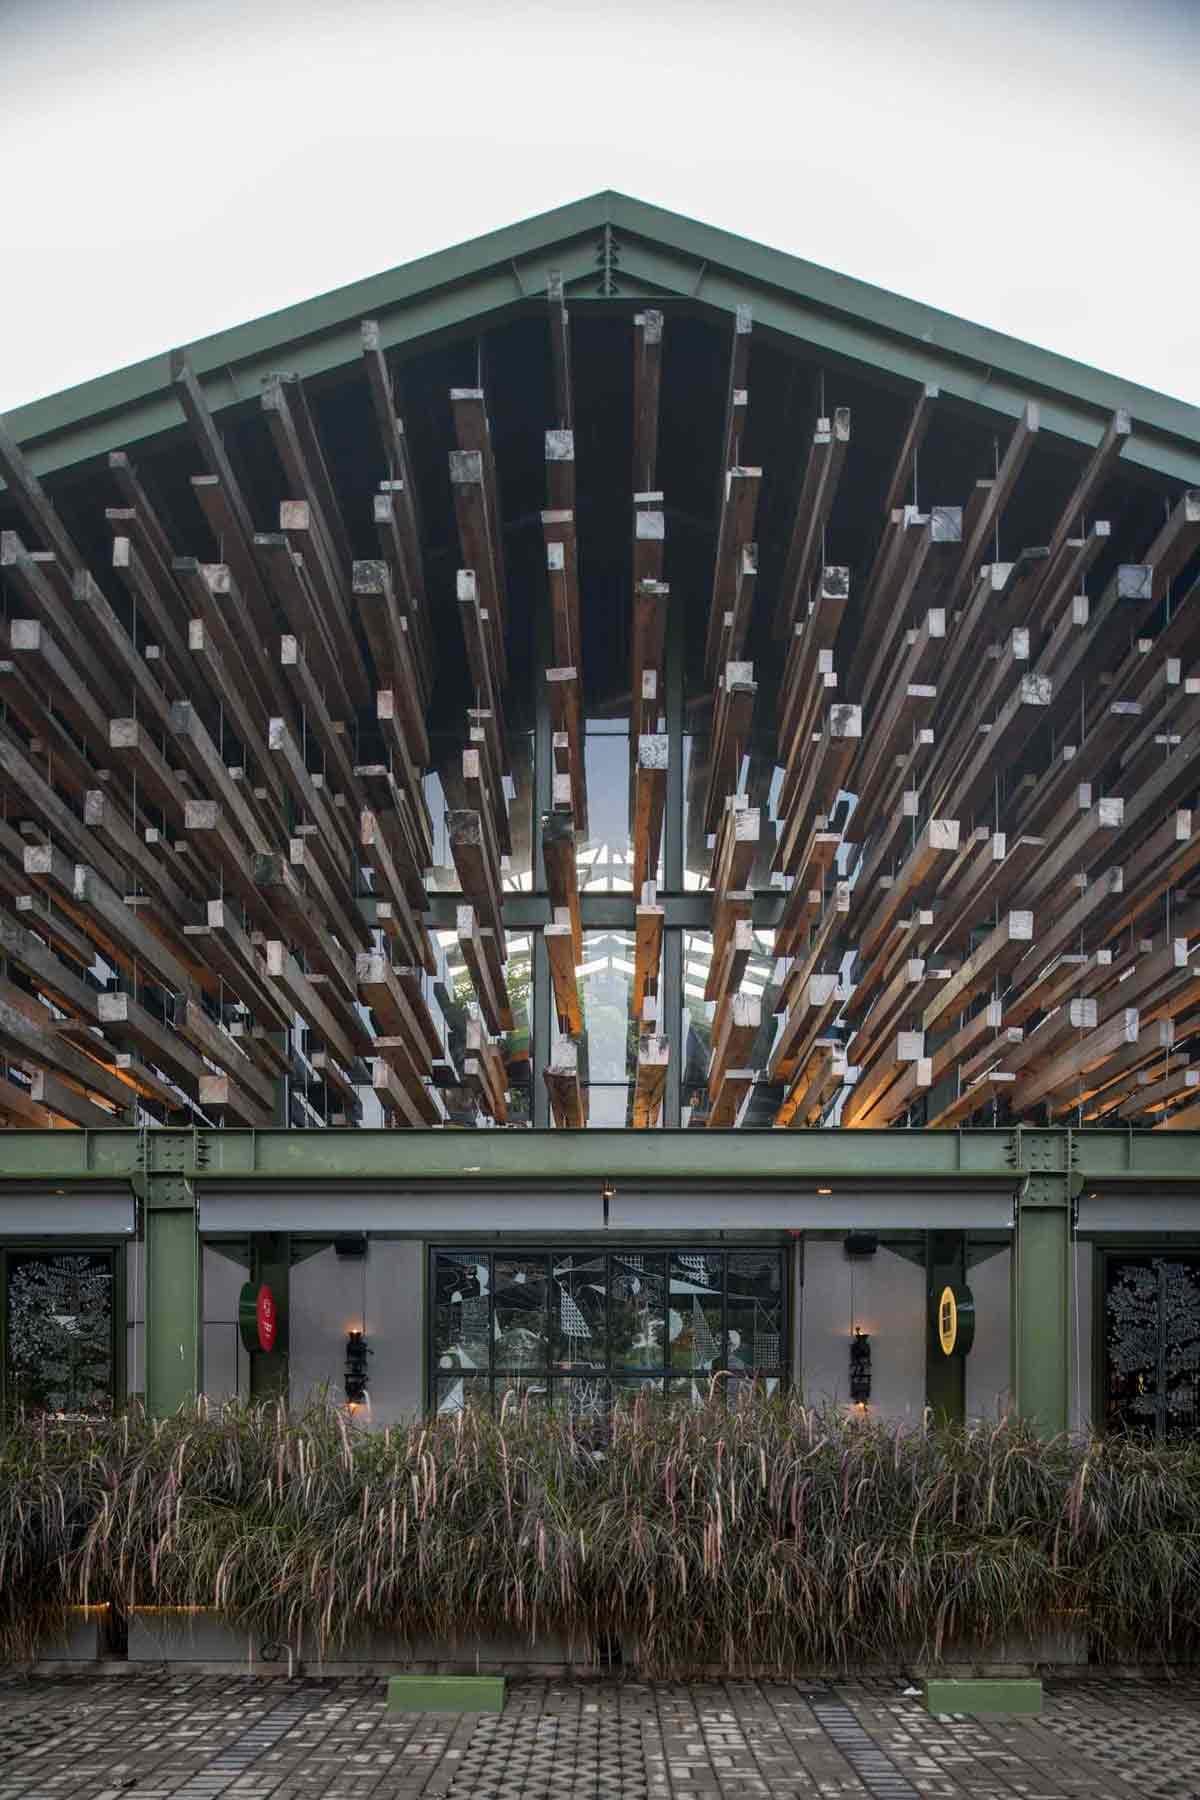 Dekorasi kayu gantung yang dramatis, Restoran Kayu Kayu karya W Office (Sumber: arsitag.com)